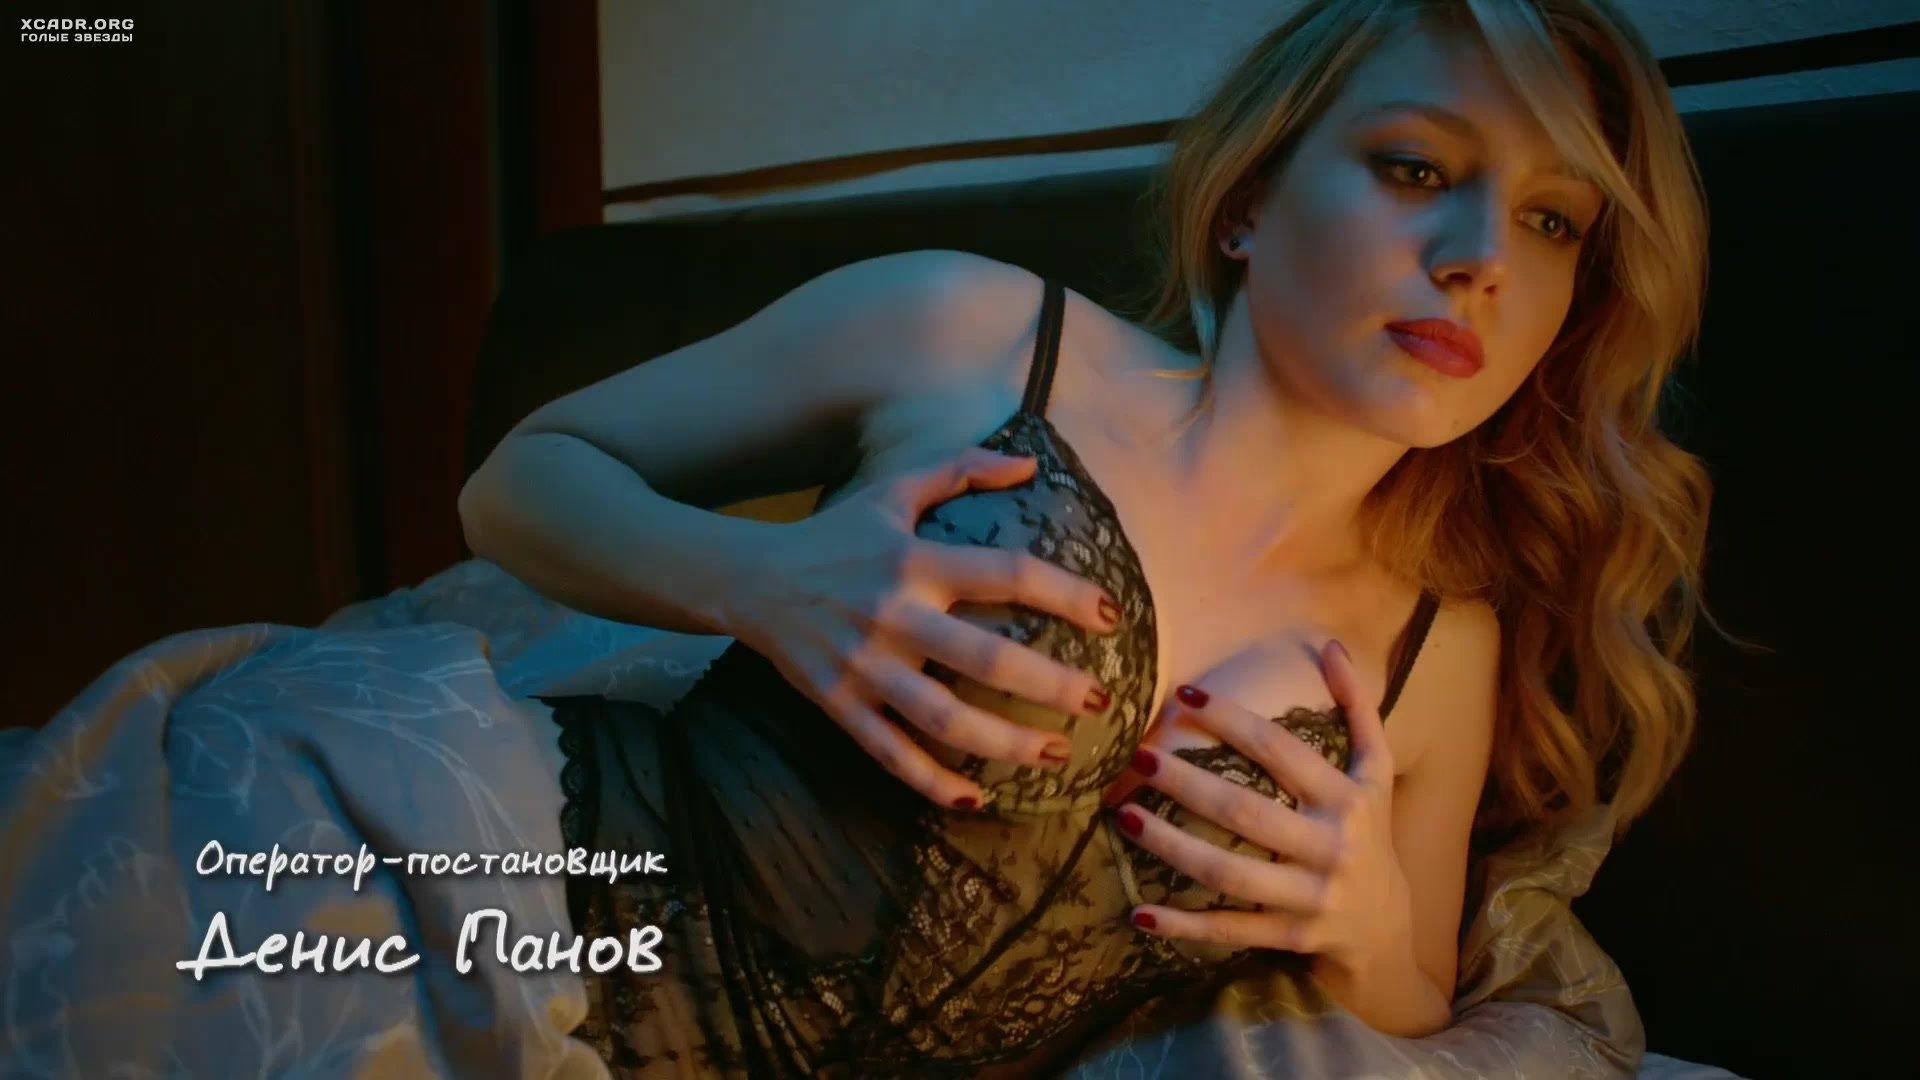 eroticheskie-foto-nasti-prihodko